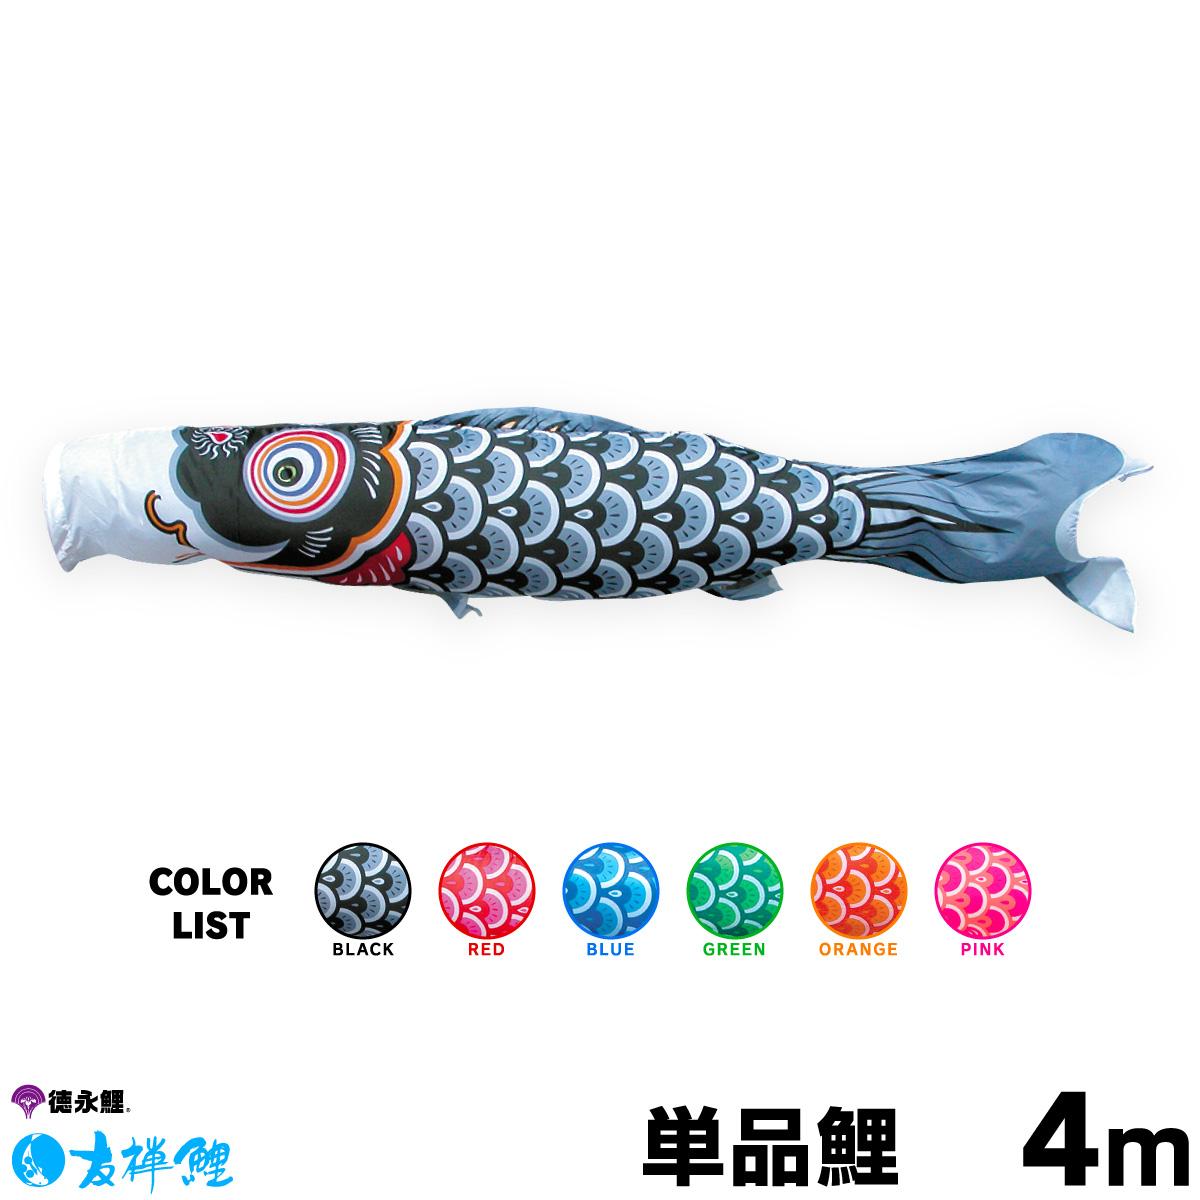 【こいのぼり 単品】 友禅鯉 4m 単品鯉 黒 赤 青 緑 ピンク 橙